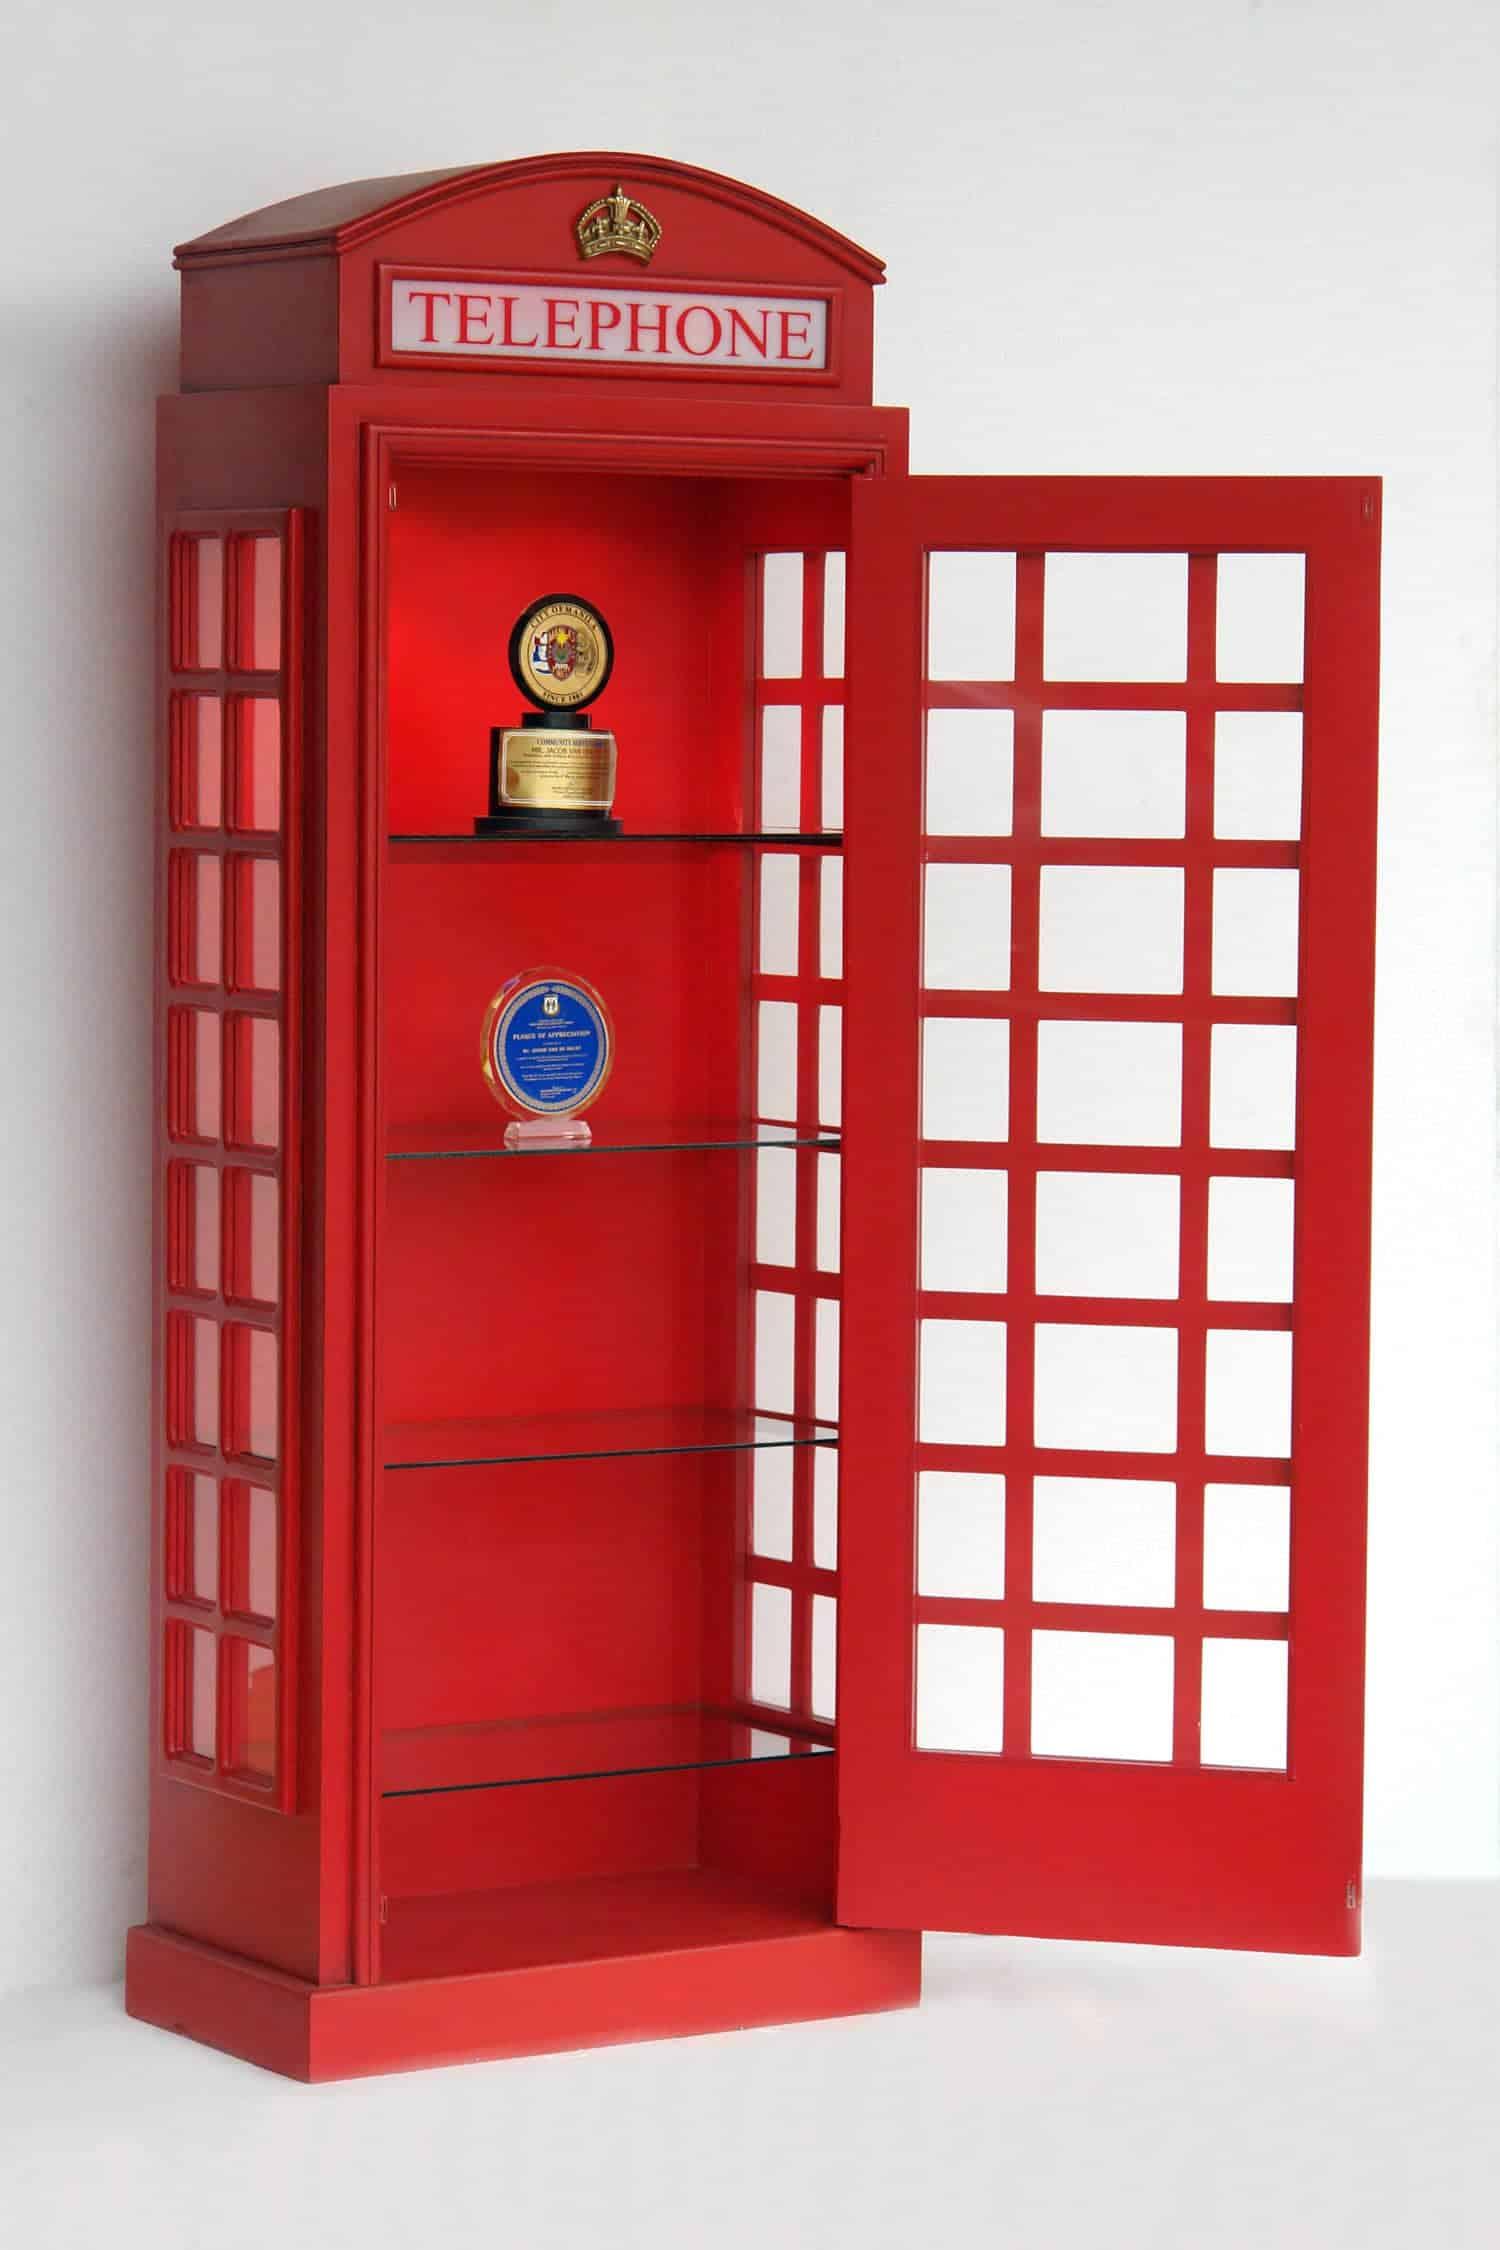 ארון תא טלפון עם מדפים